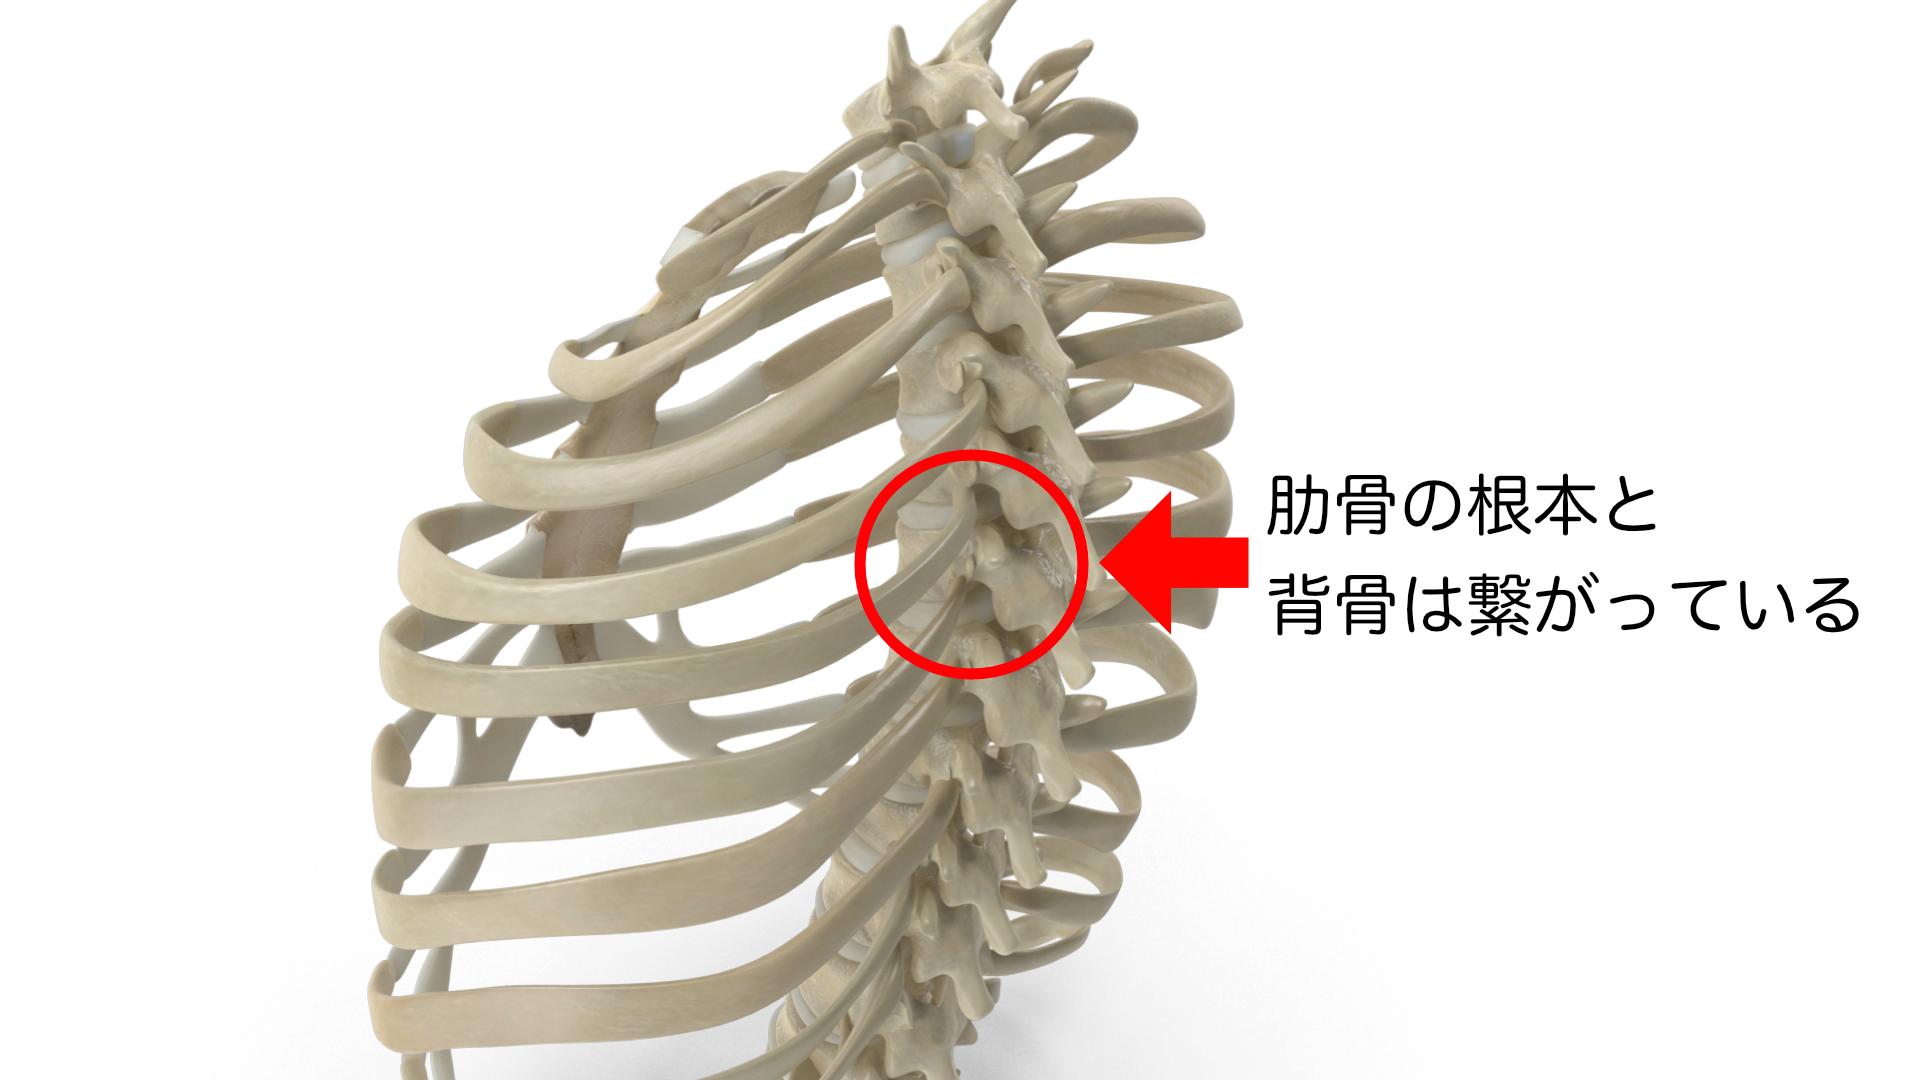 肋骨椎体接合部